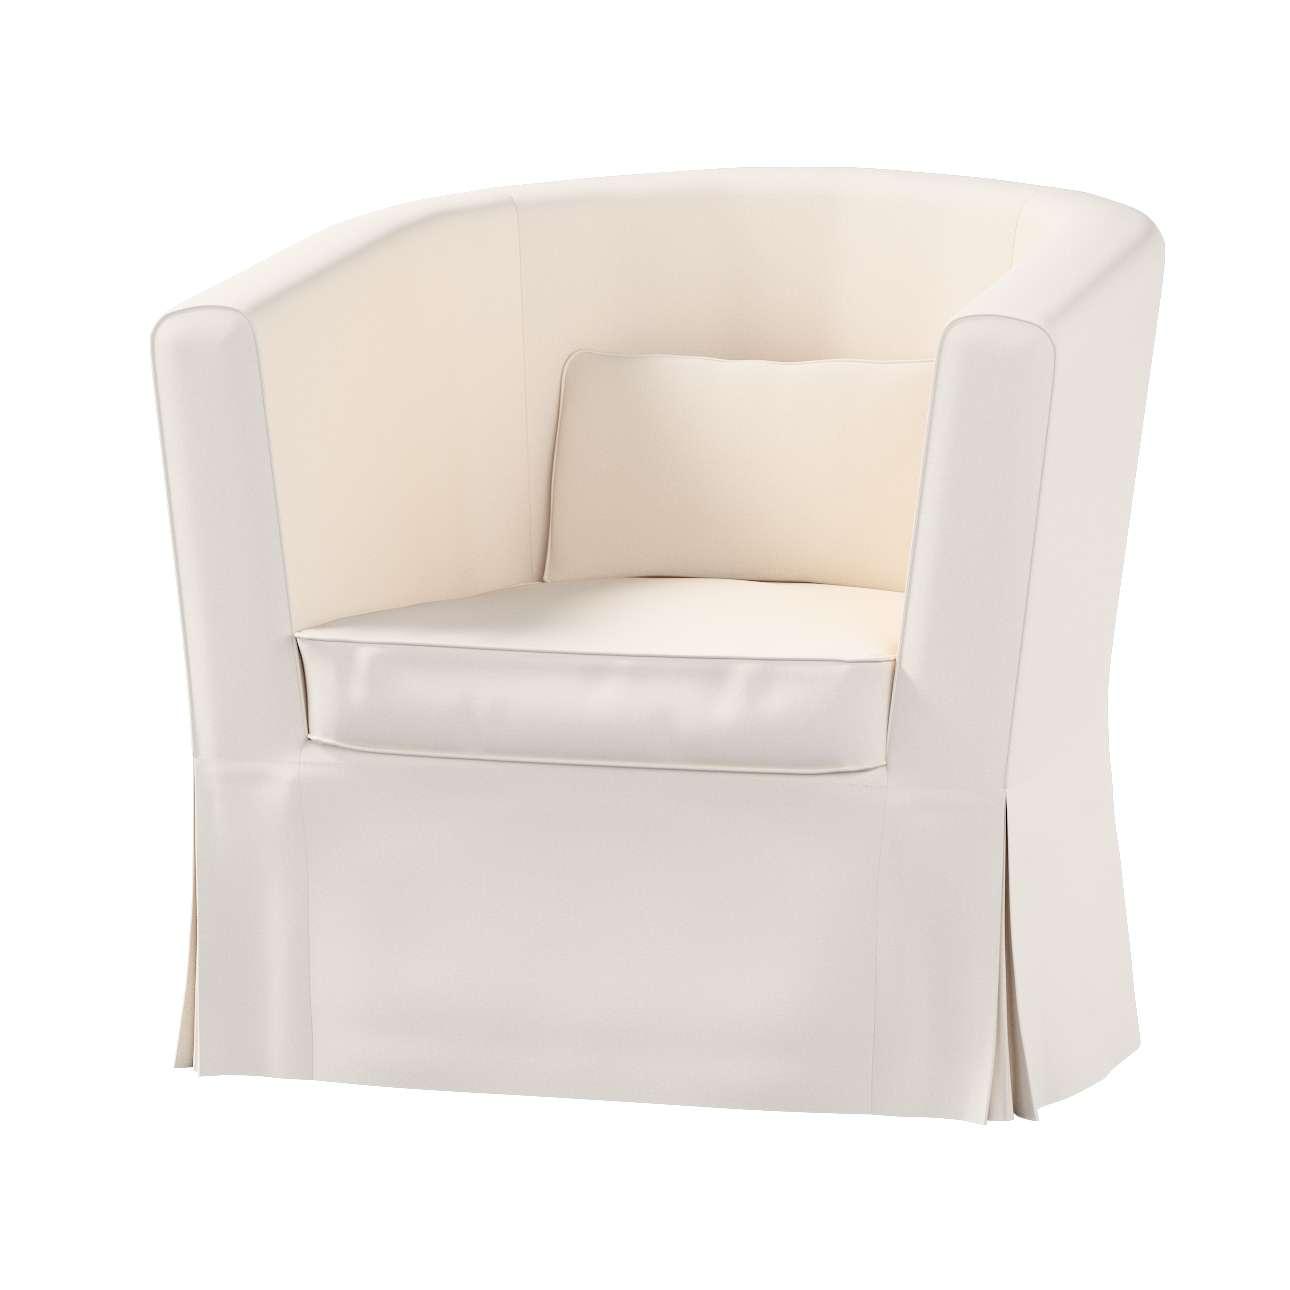 Ektorp Tullsta Sesselbezug von der Kollektion Etna, Stoff: 705-01